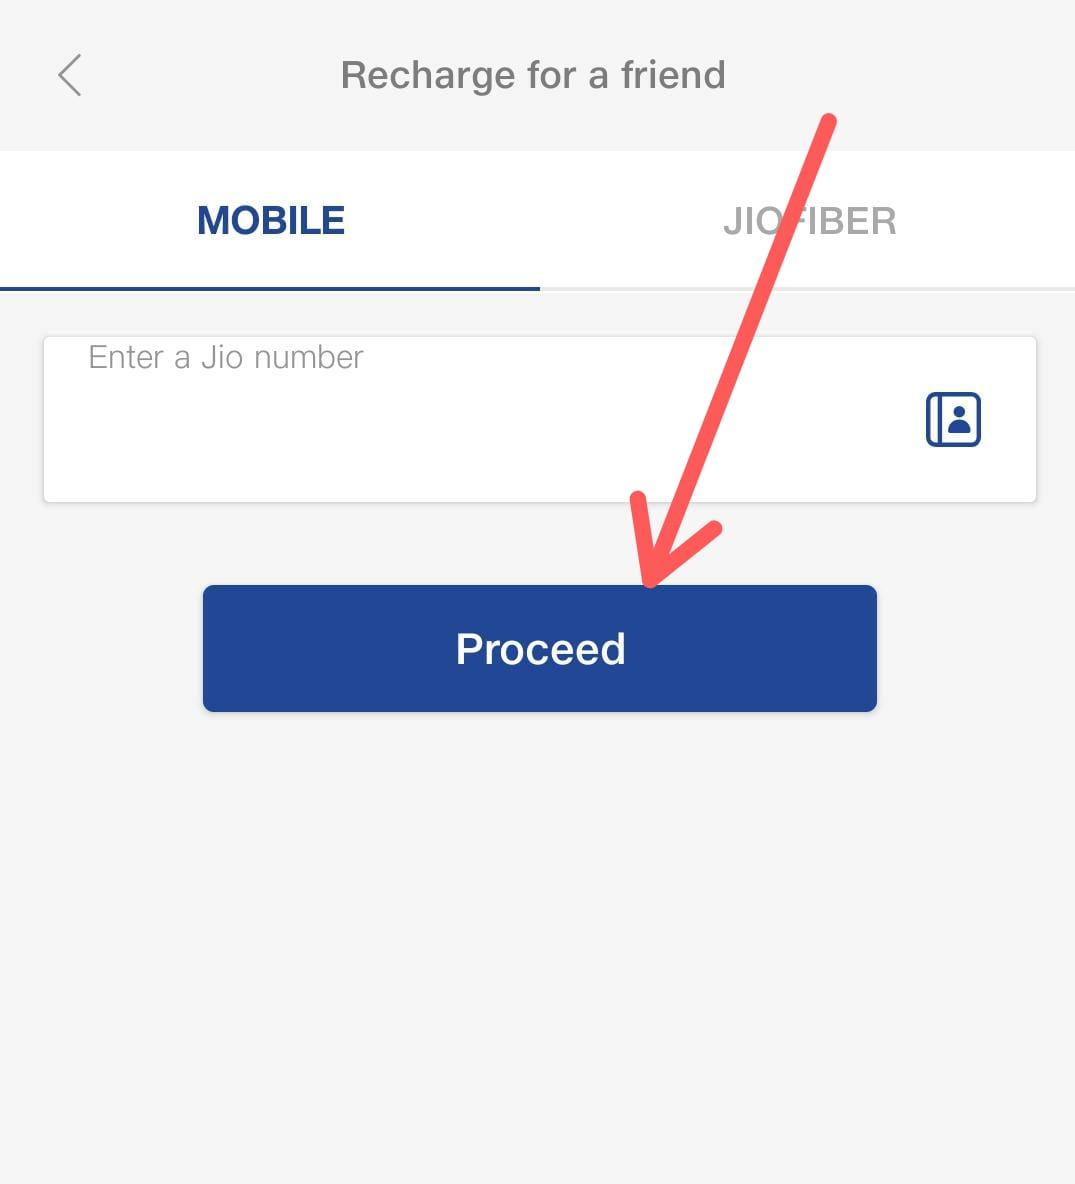 Jio Phone में Recharge कैसे करे jio recharge कैसे करे jio online recharge कैसे करे jio phone को my jio app से recharge कैसे करे jio sim recharge कैसे करे